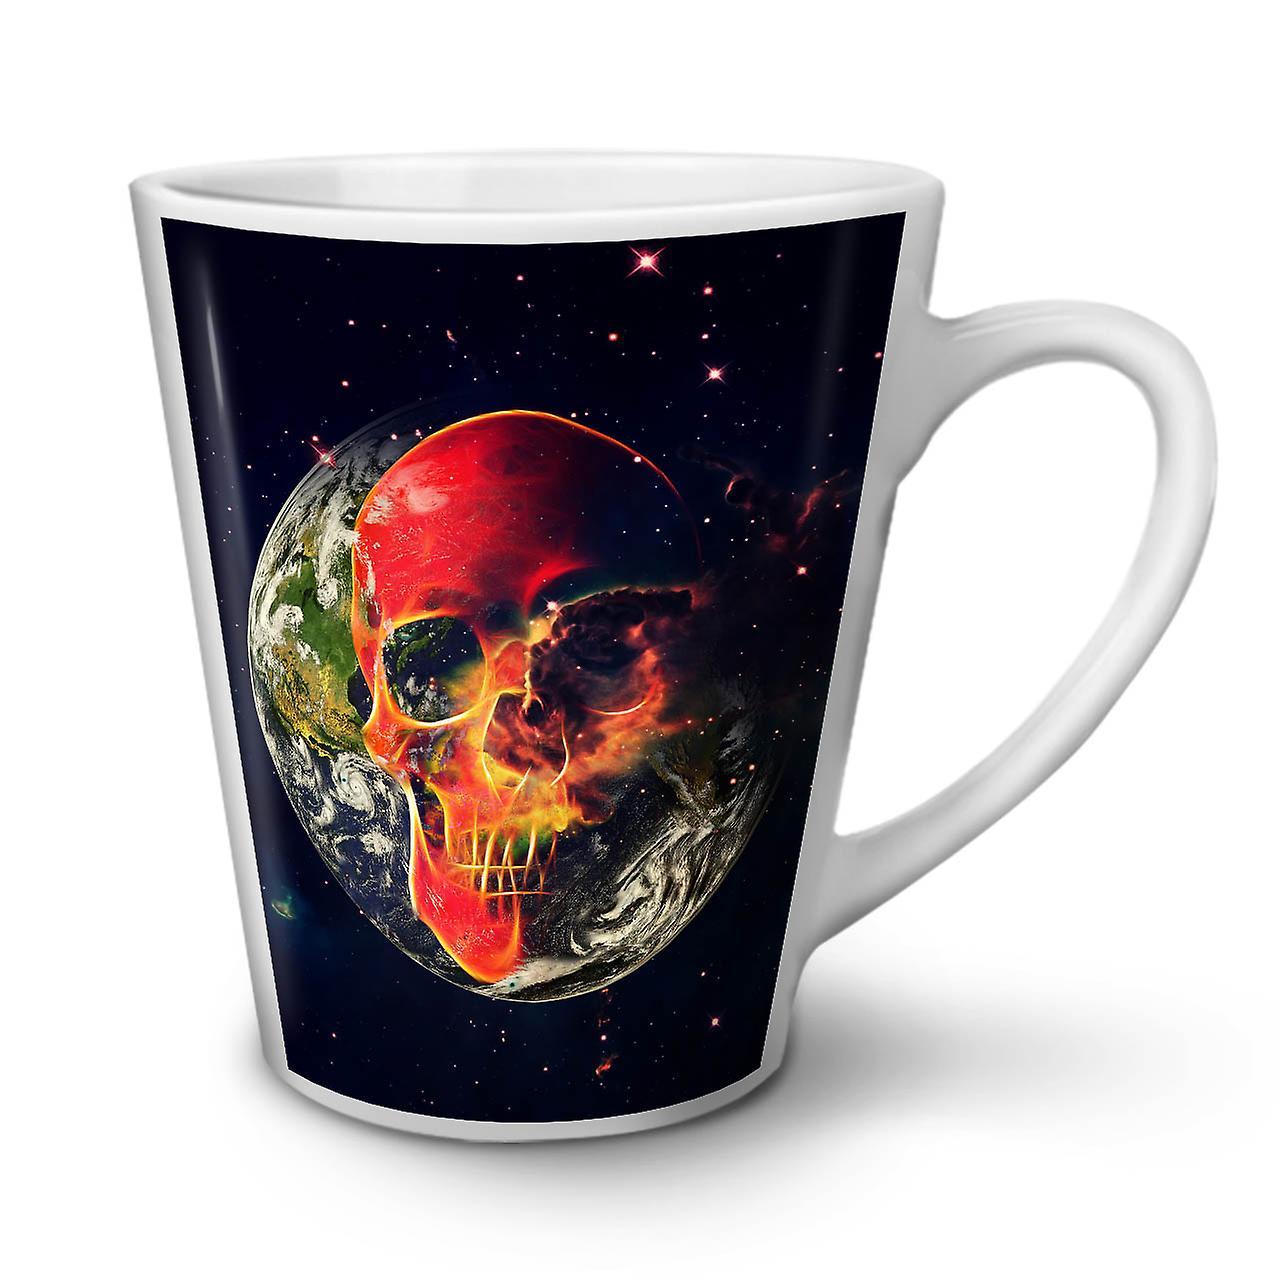 Nouvelle Blanche En De Café Planète Latte Crâne OzWellcoda 12 Tasse Terre Céramique 08XNnOkwP